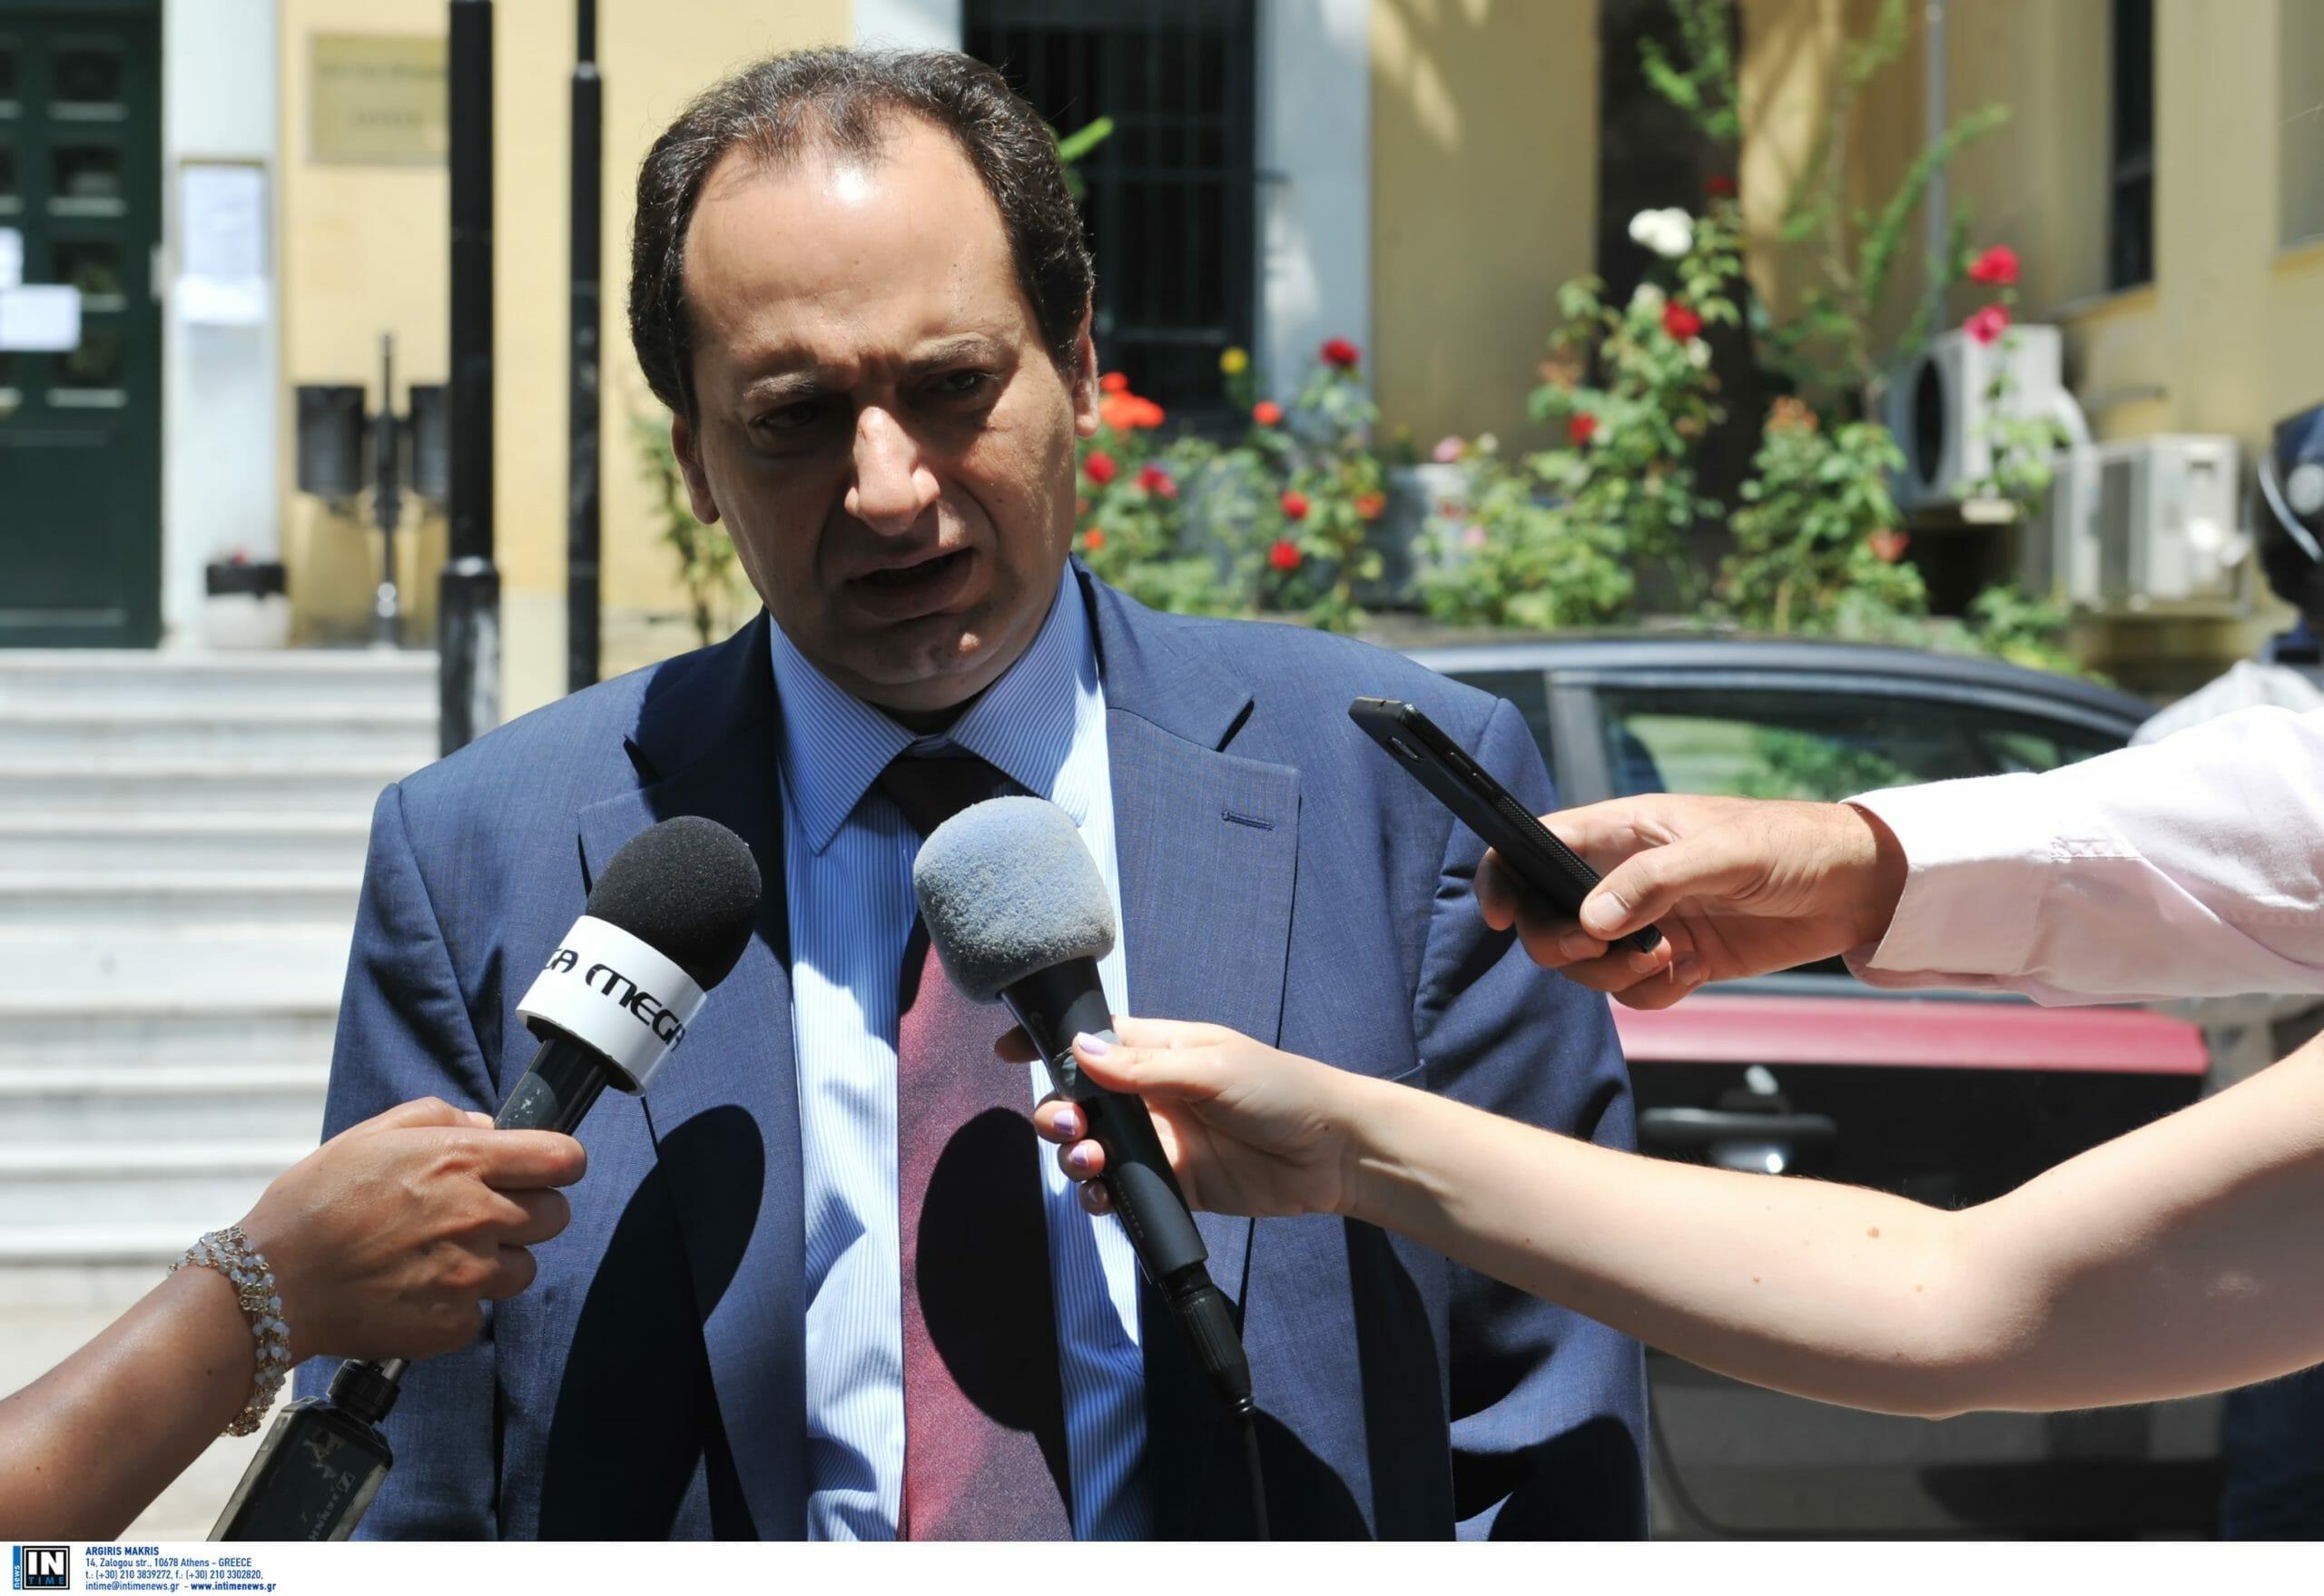 Μηνυτήρια αναφορά ΣΥΡΙΖΑ για την «εντολή Χαρδαλιά» και τη Φενέρμπαχτσε